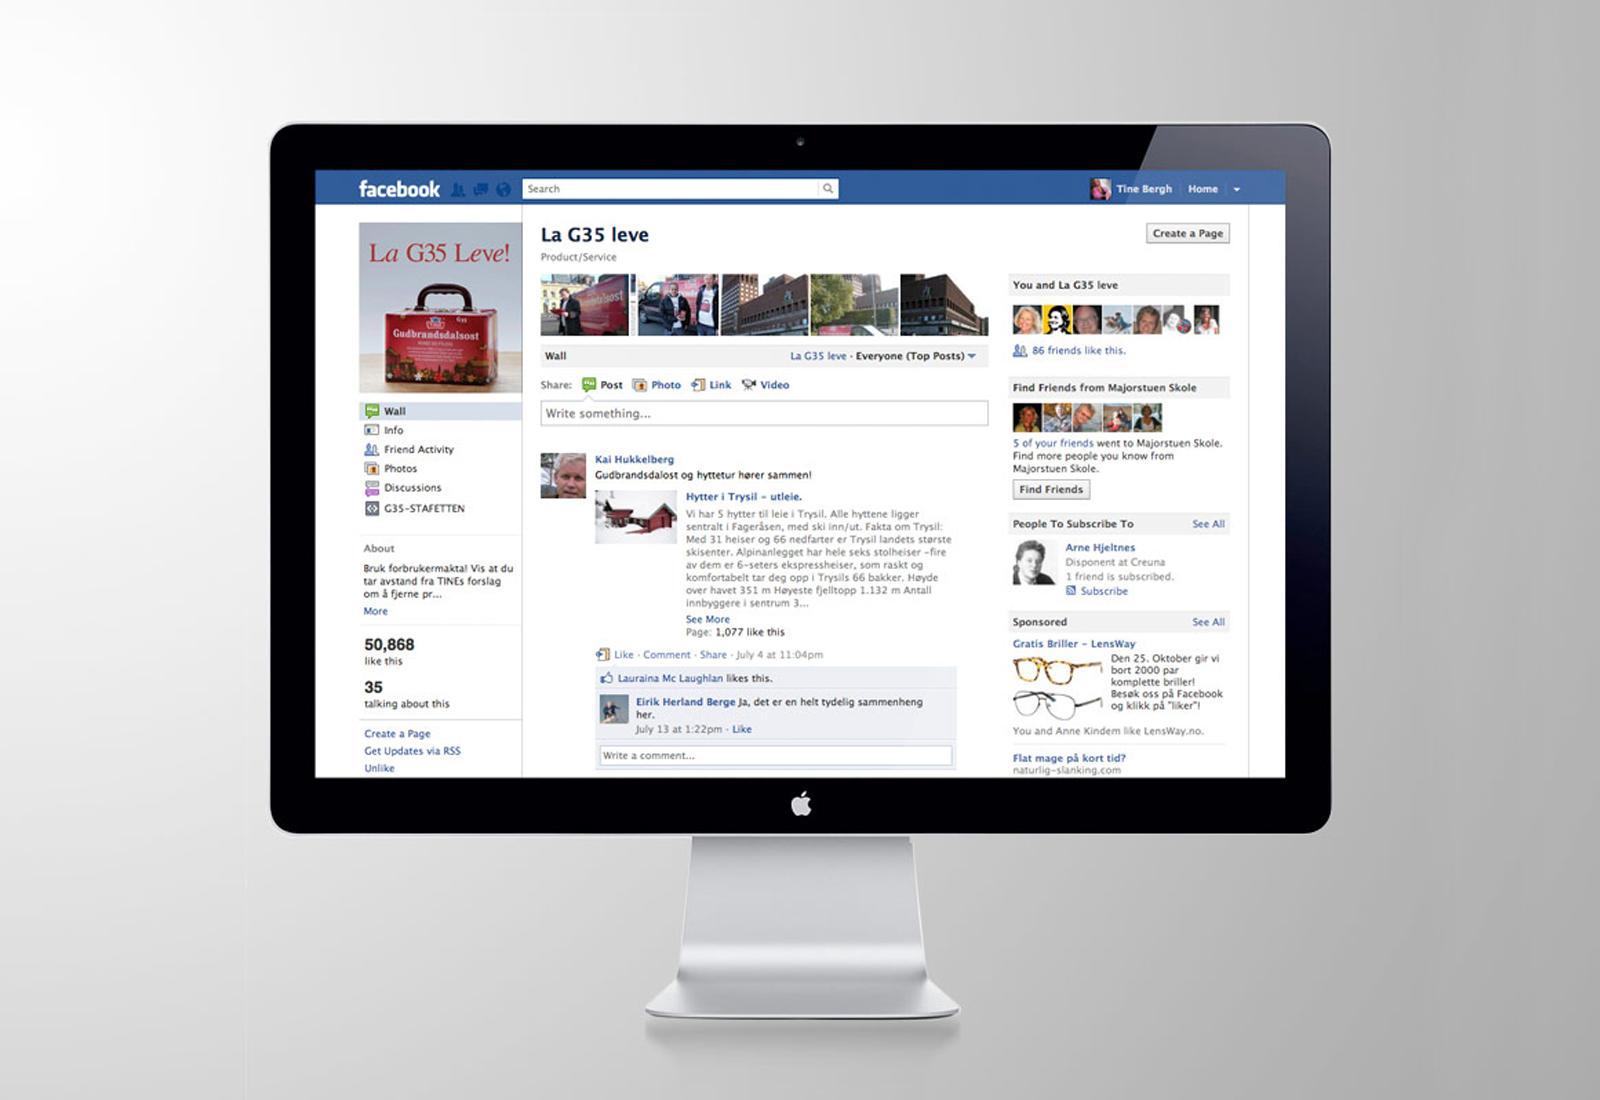 Desktopbilde av facebookaksjonen La G35 leve!